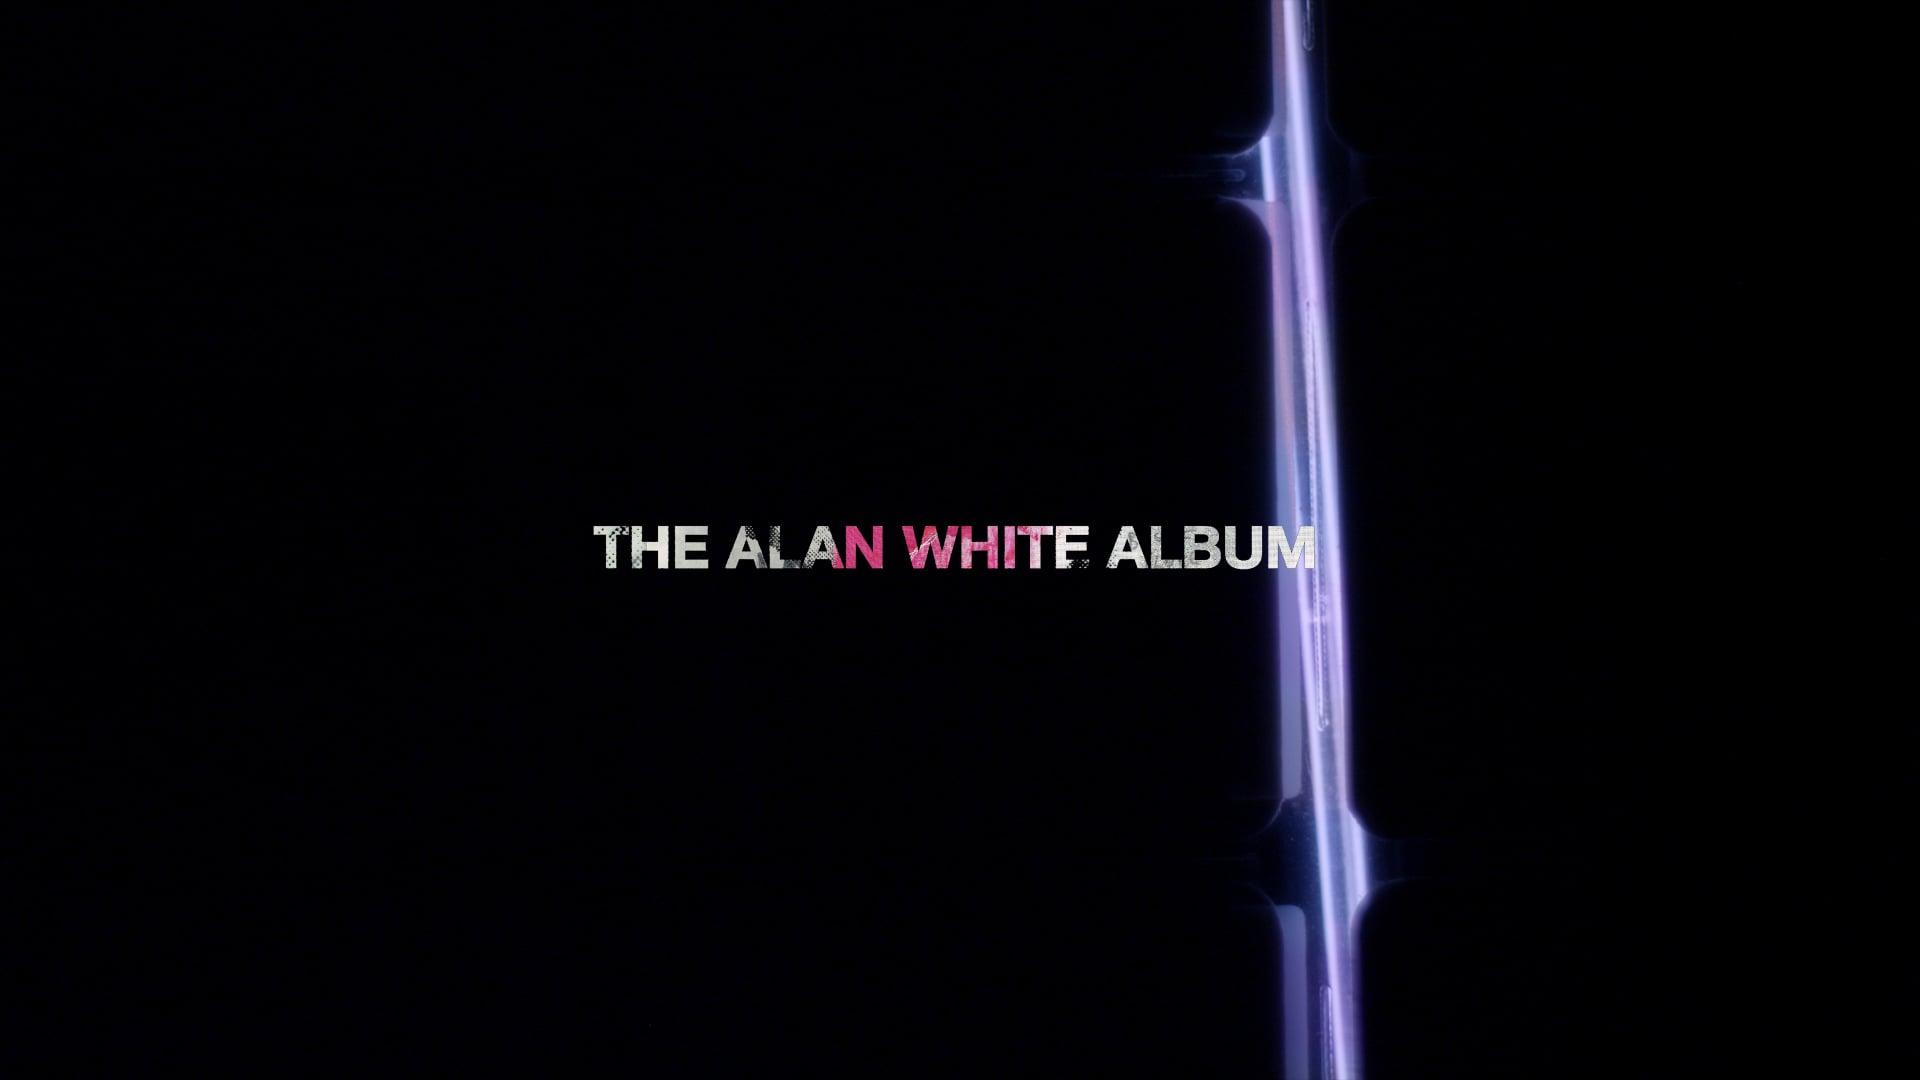 The Alan White Album